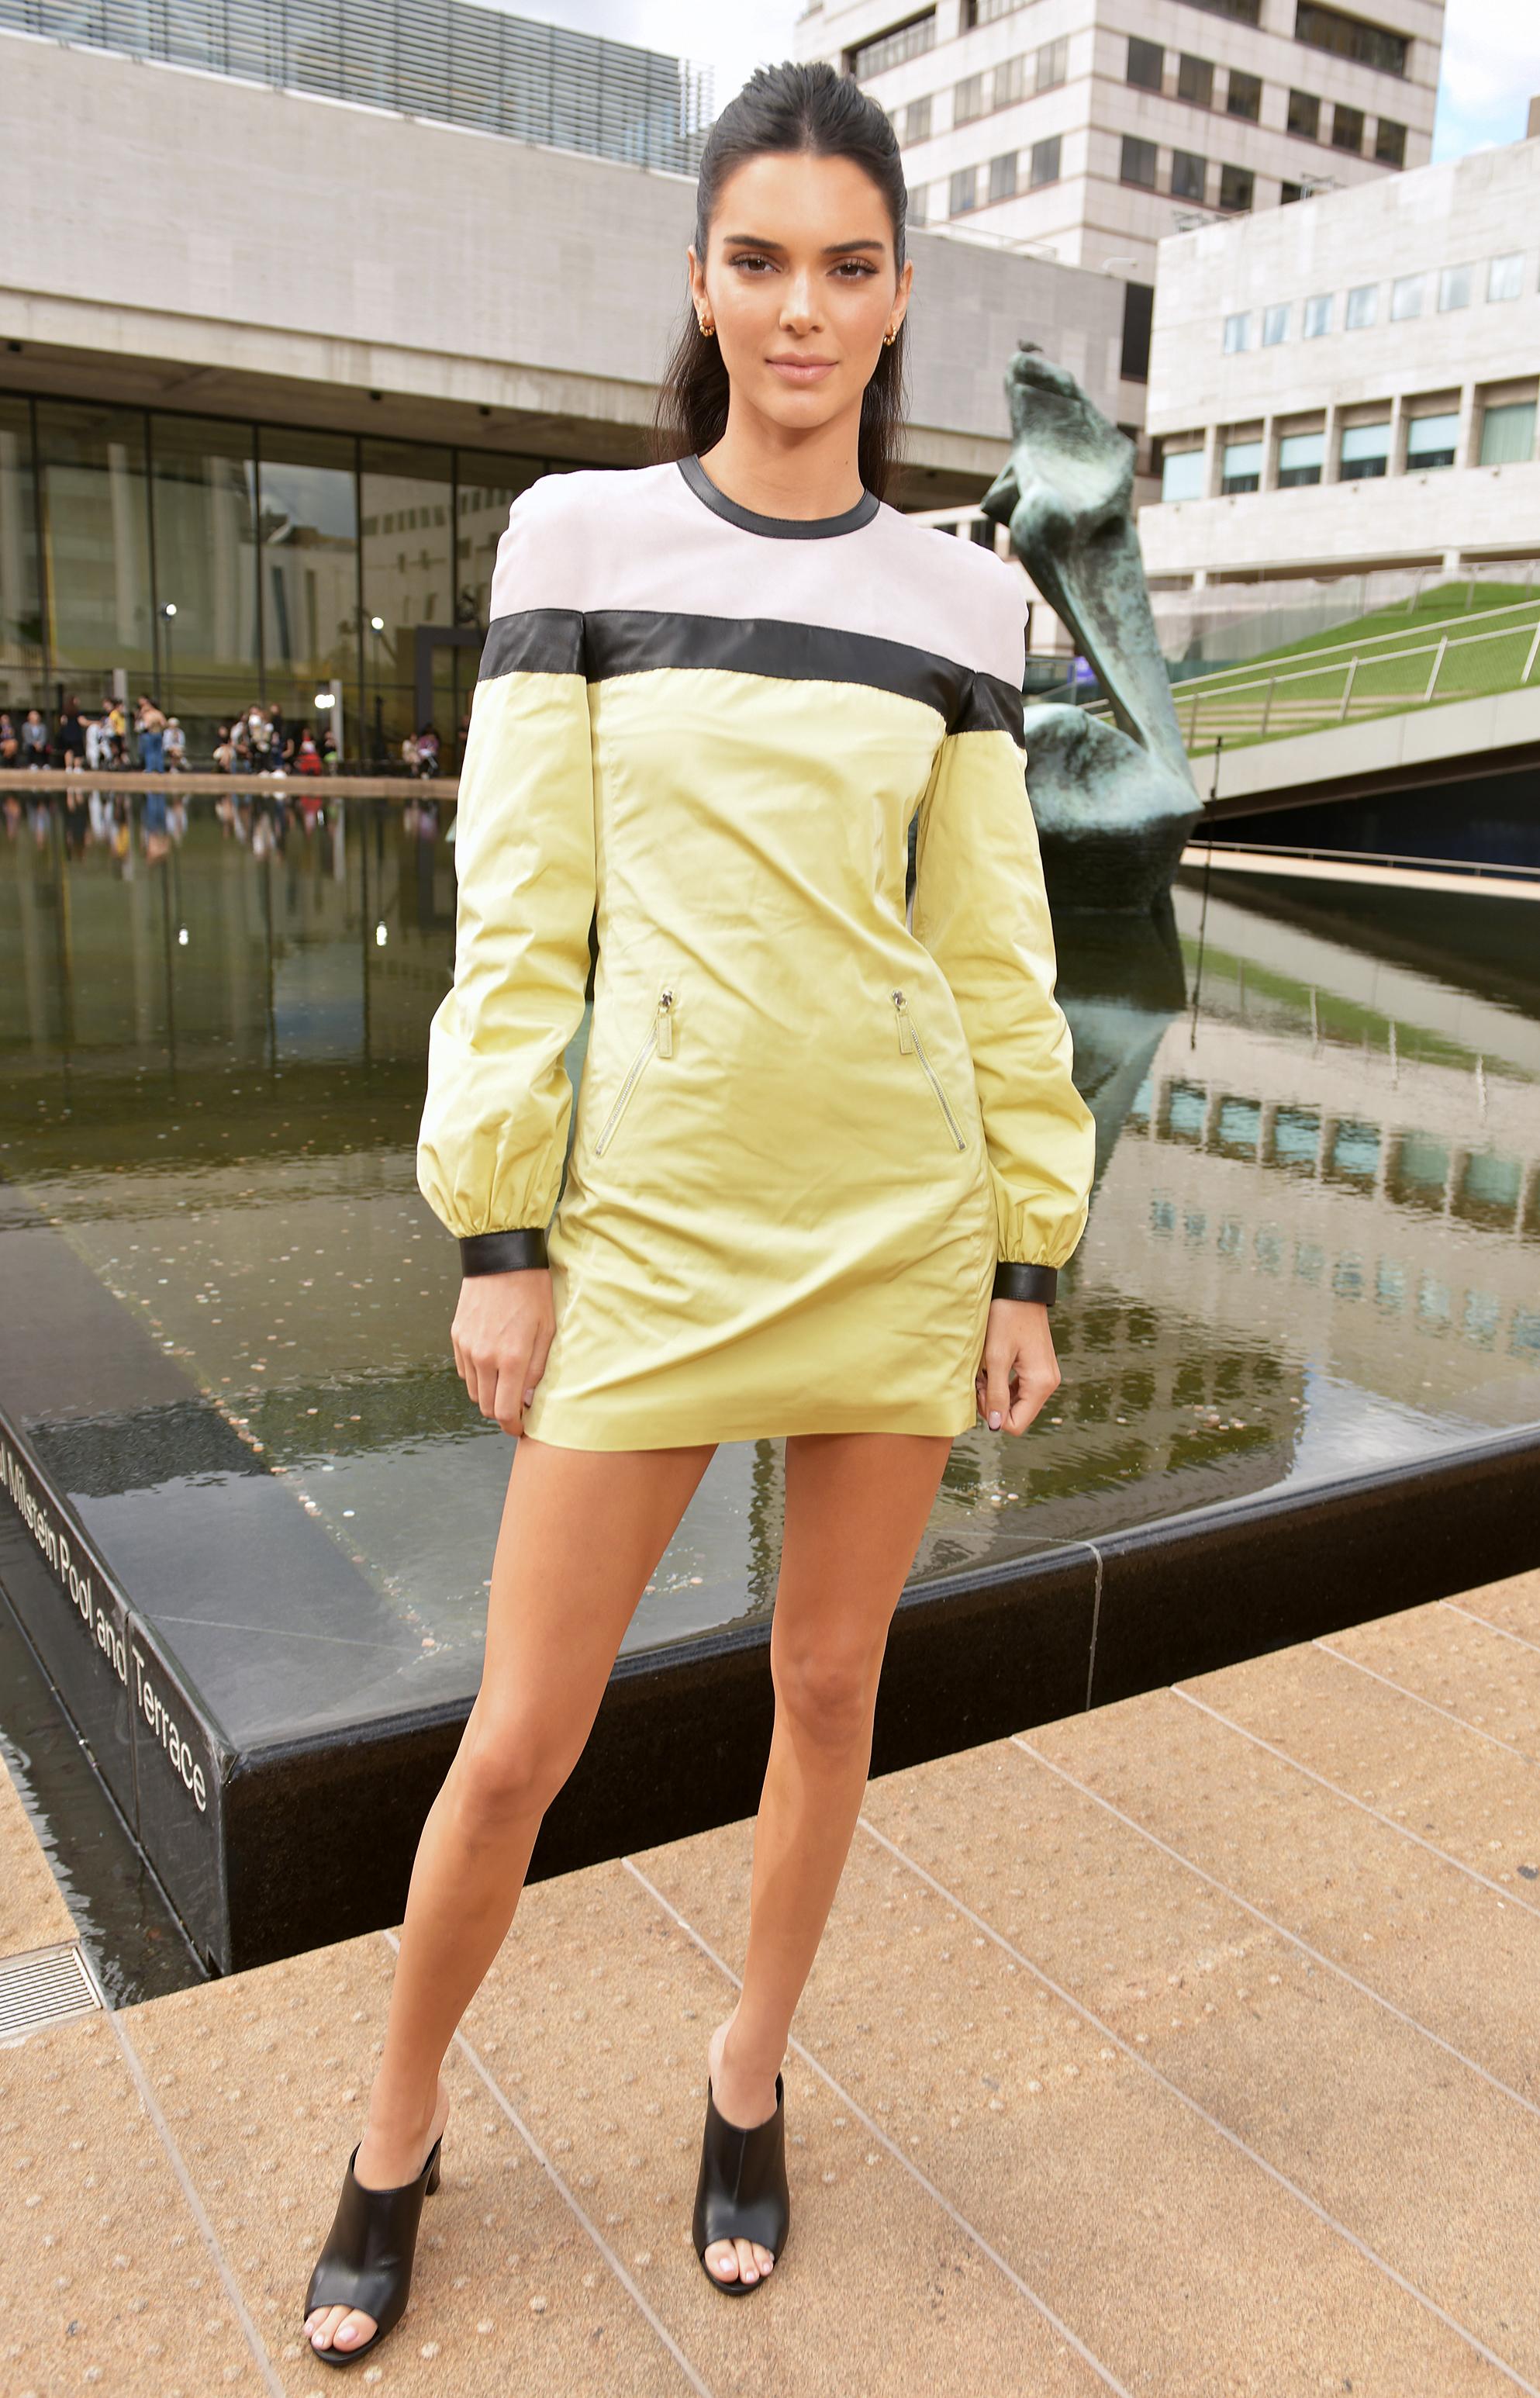 https://www.usmagazine.com/wp content/uploads/2019/09/NYFW Style Kendall